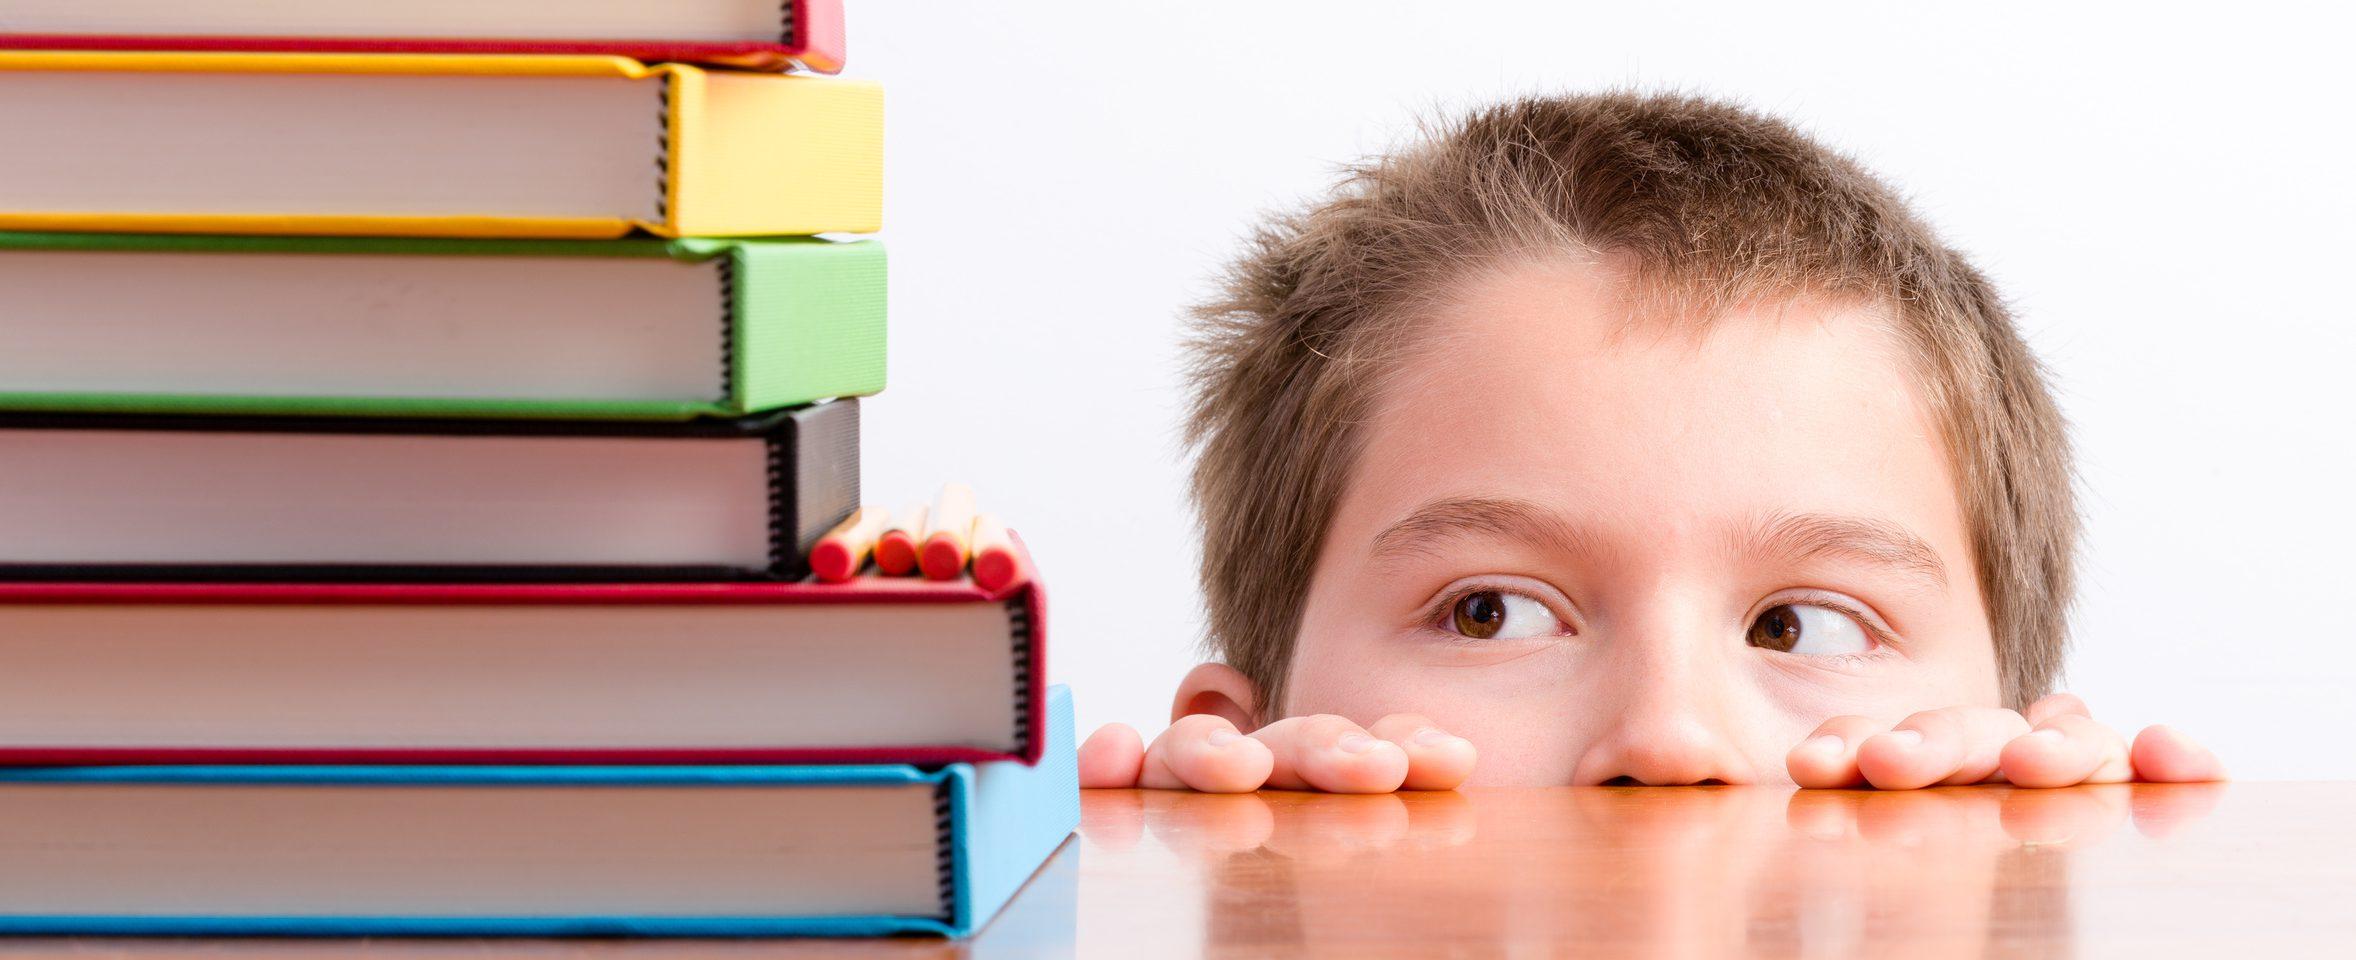 Schuljunge mit Büchern.